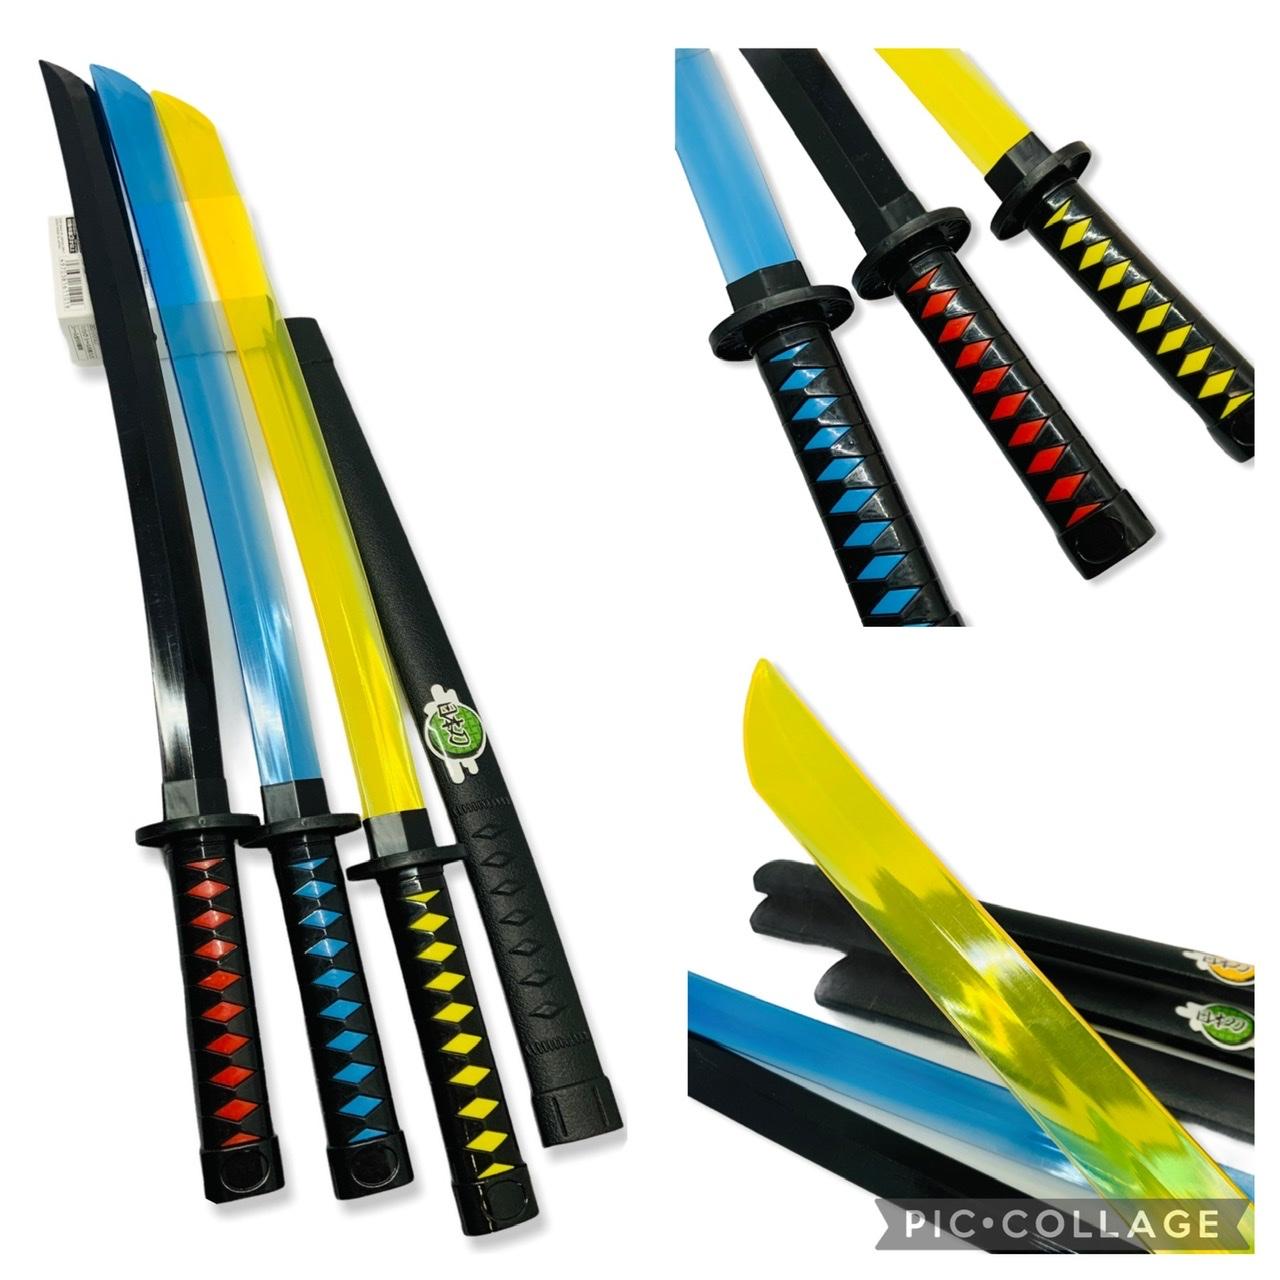 日本刀 - 鬼滅の刃風 ※3種類あります